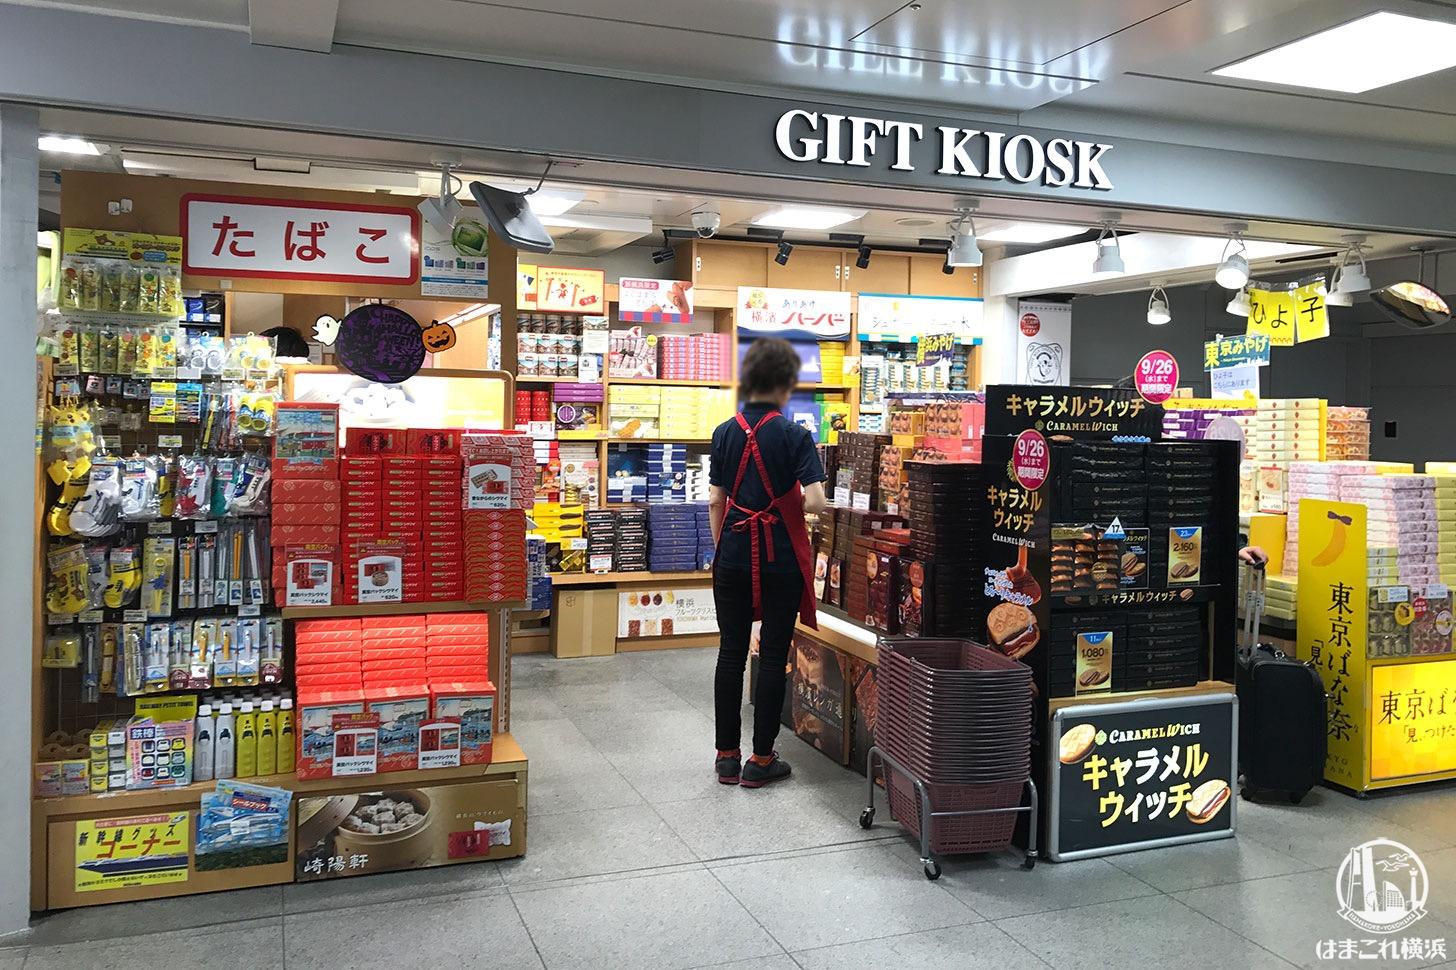 ギフトキヨスク 新横浜西